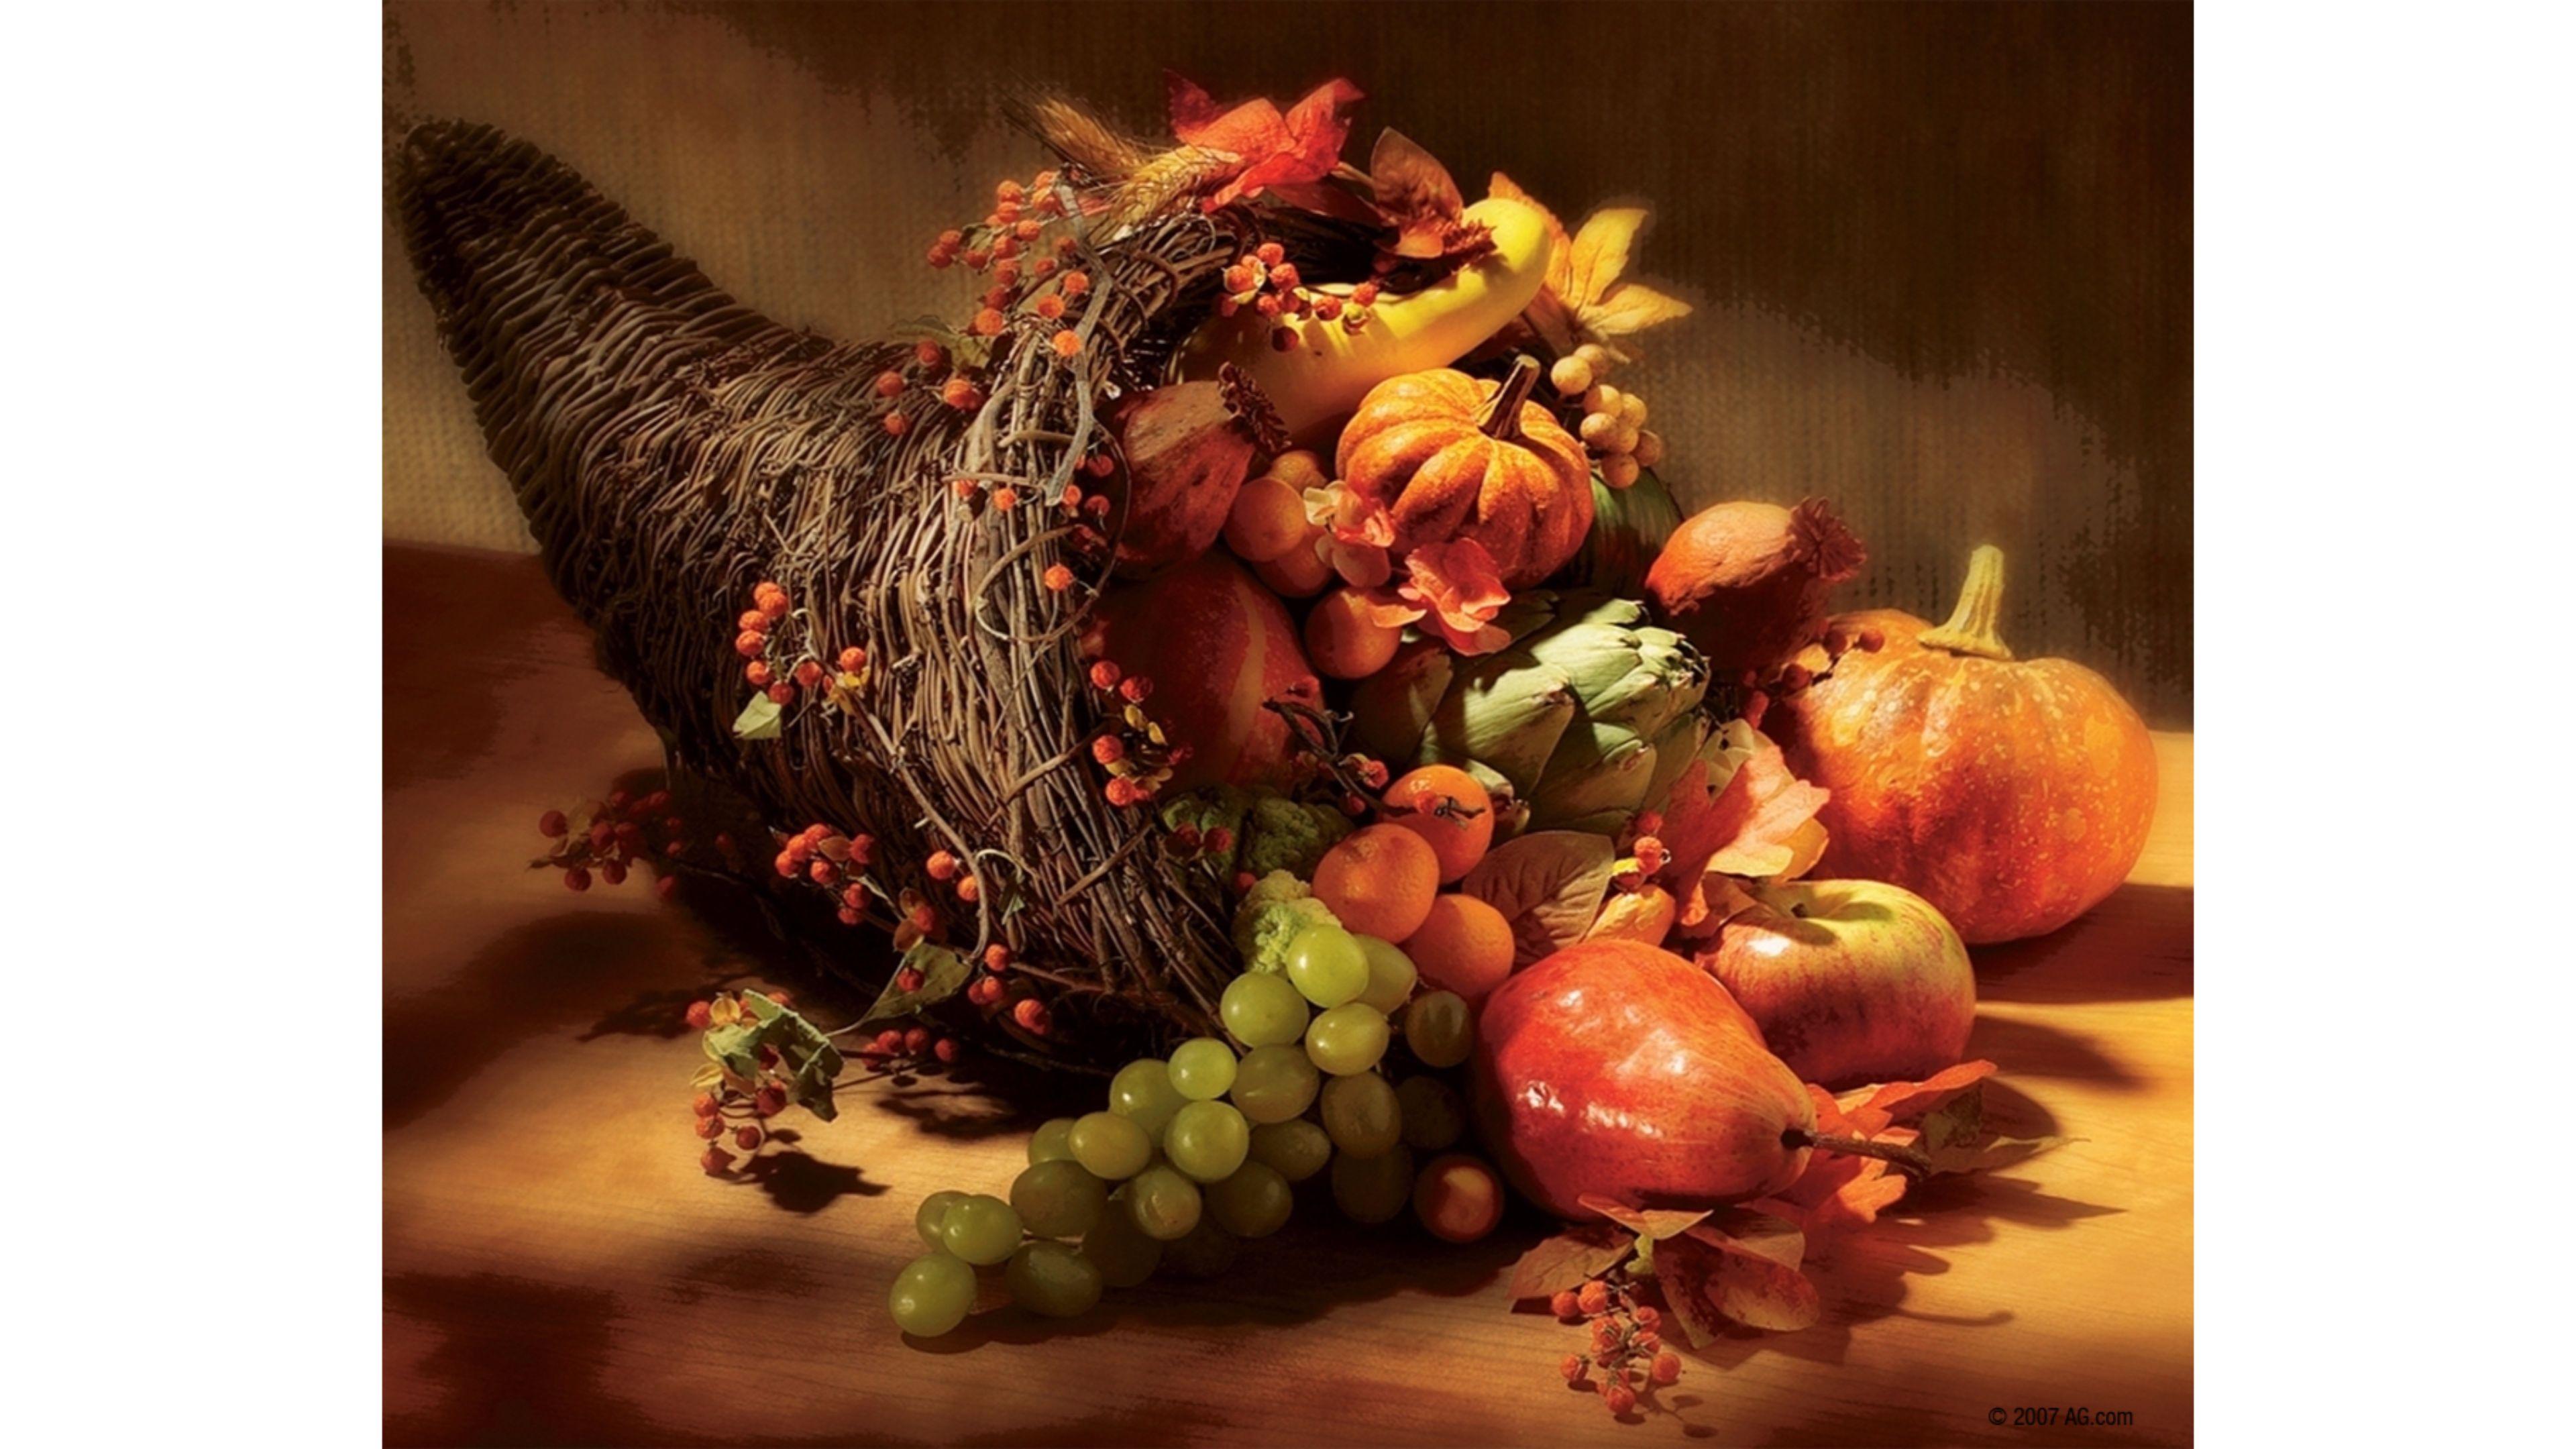 Religious Thanksgiving 4k Wallpaper